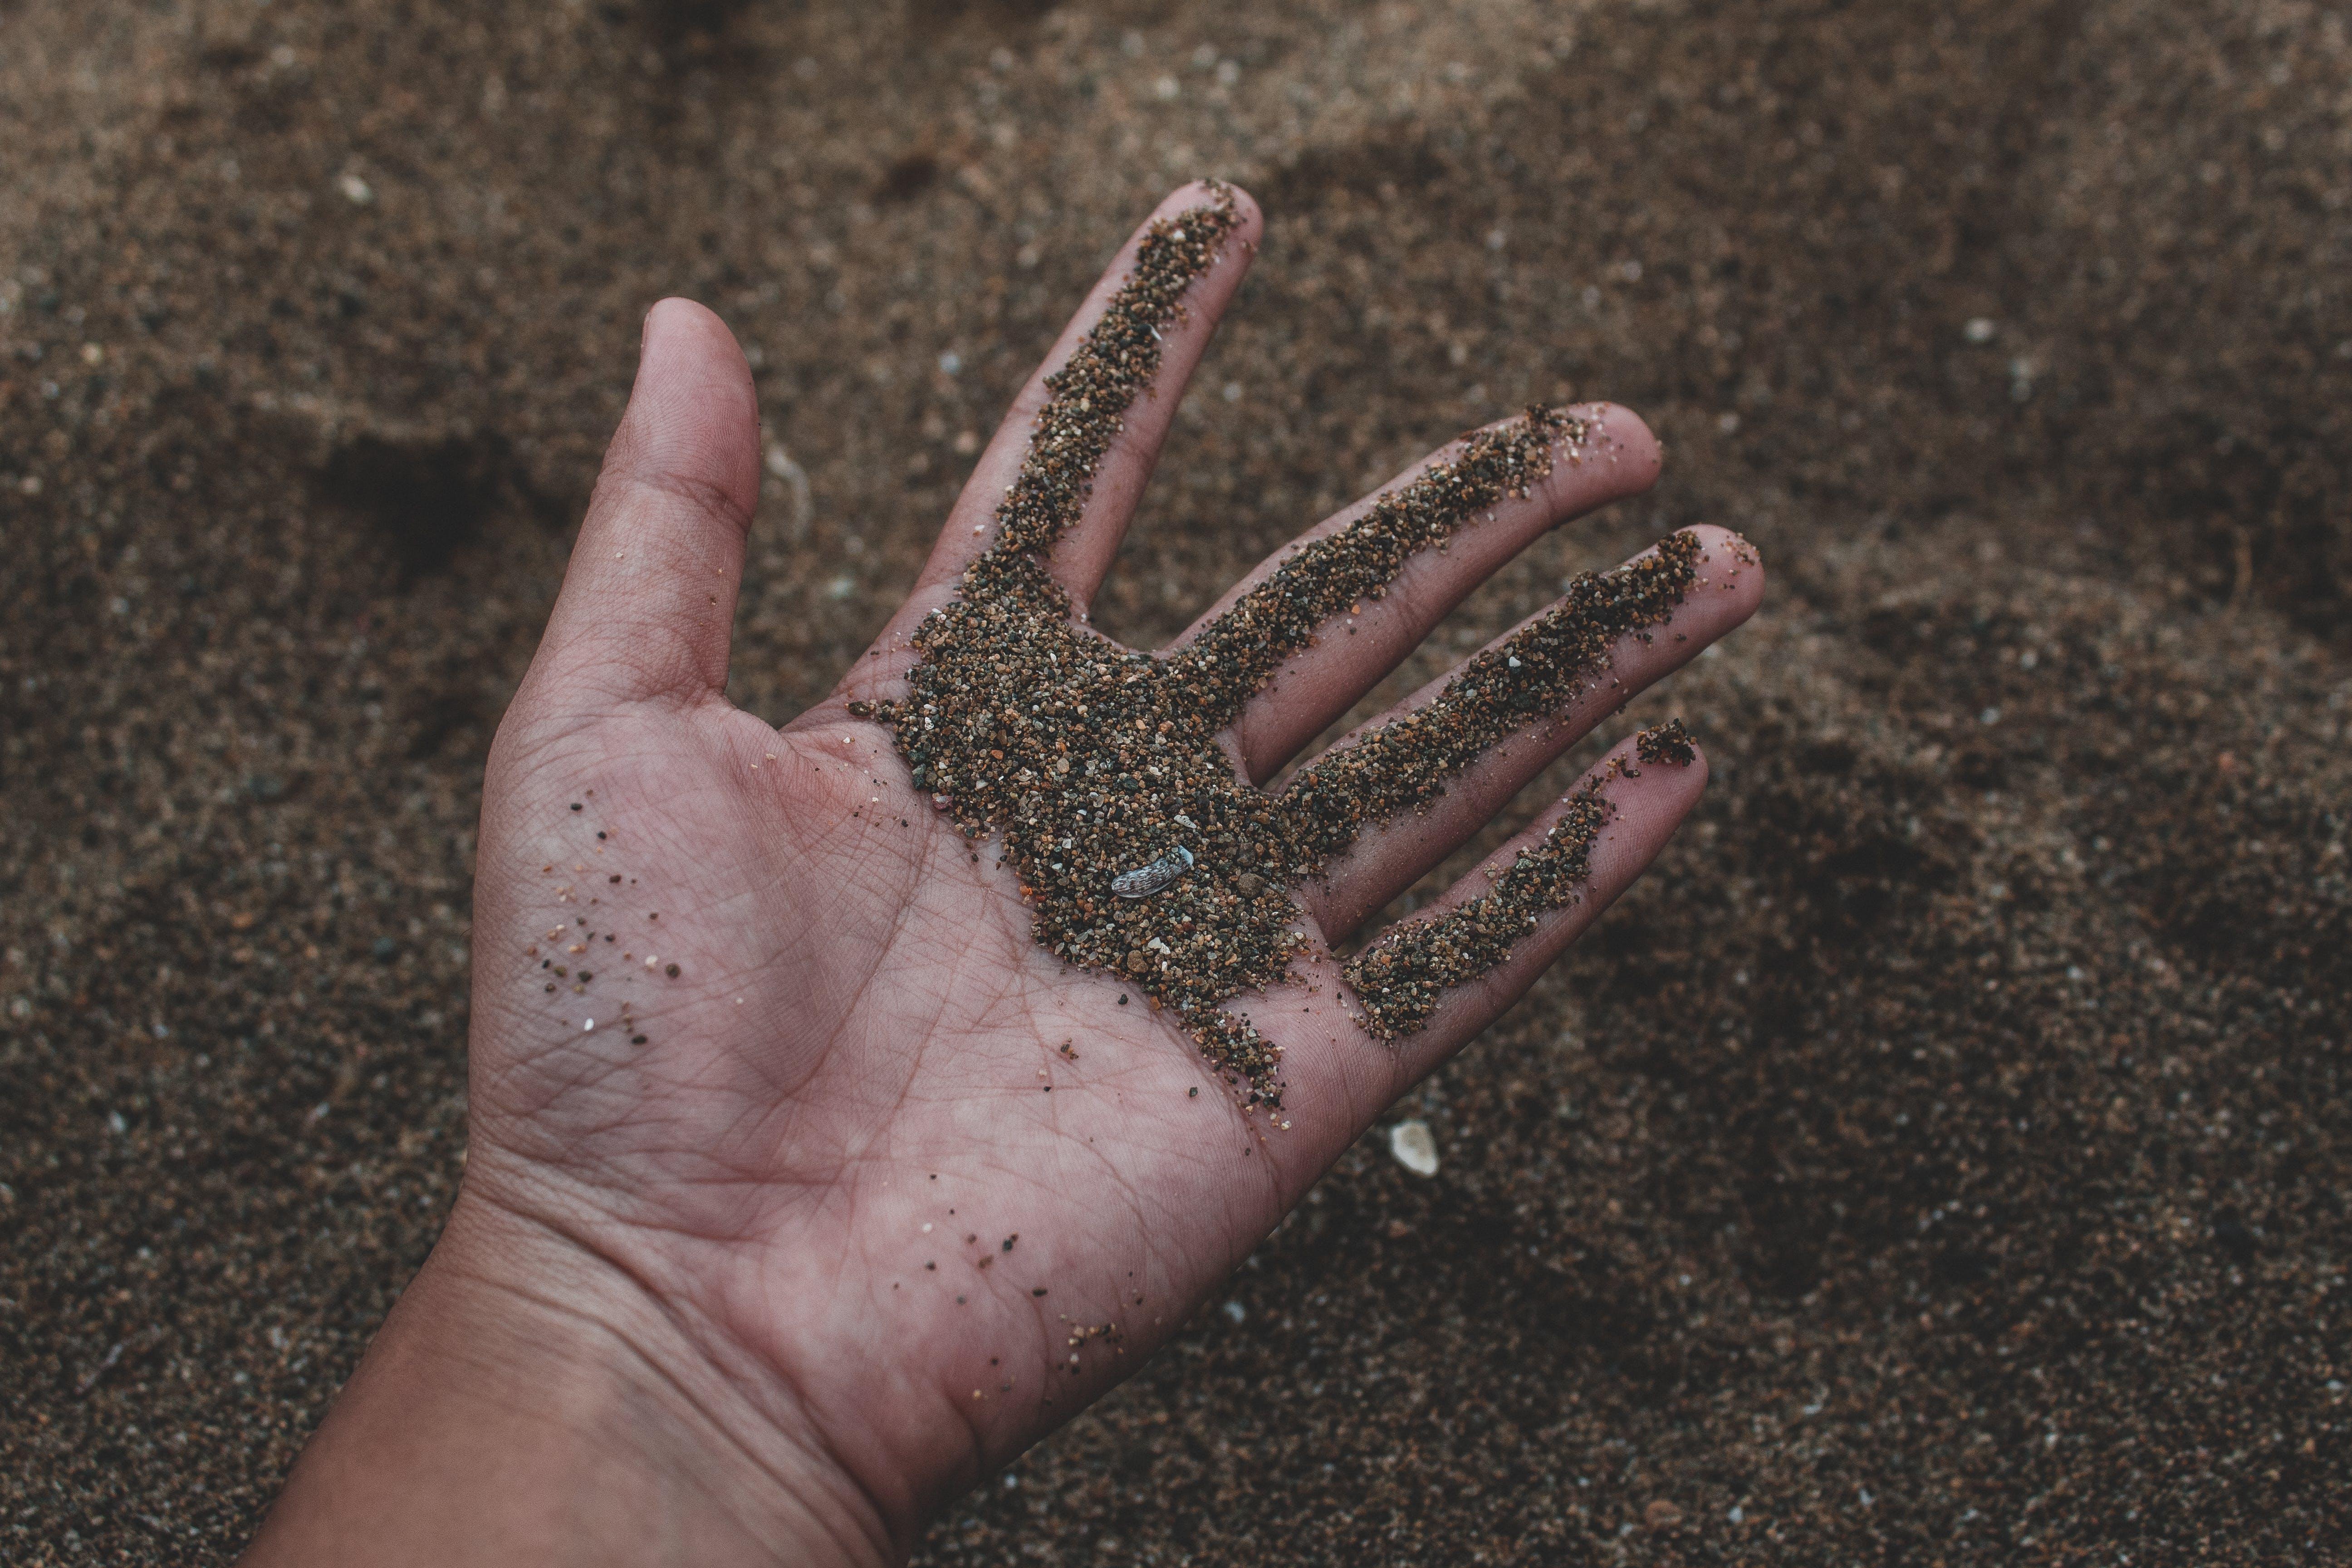 Ingyenes stockfotó 4k-háttérkép, HD-háttérkép, homok, homokos témában